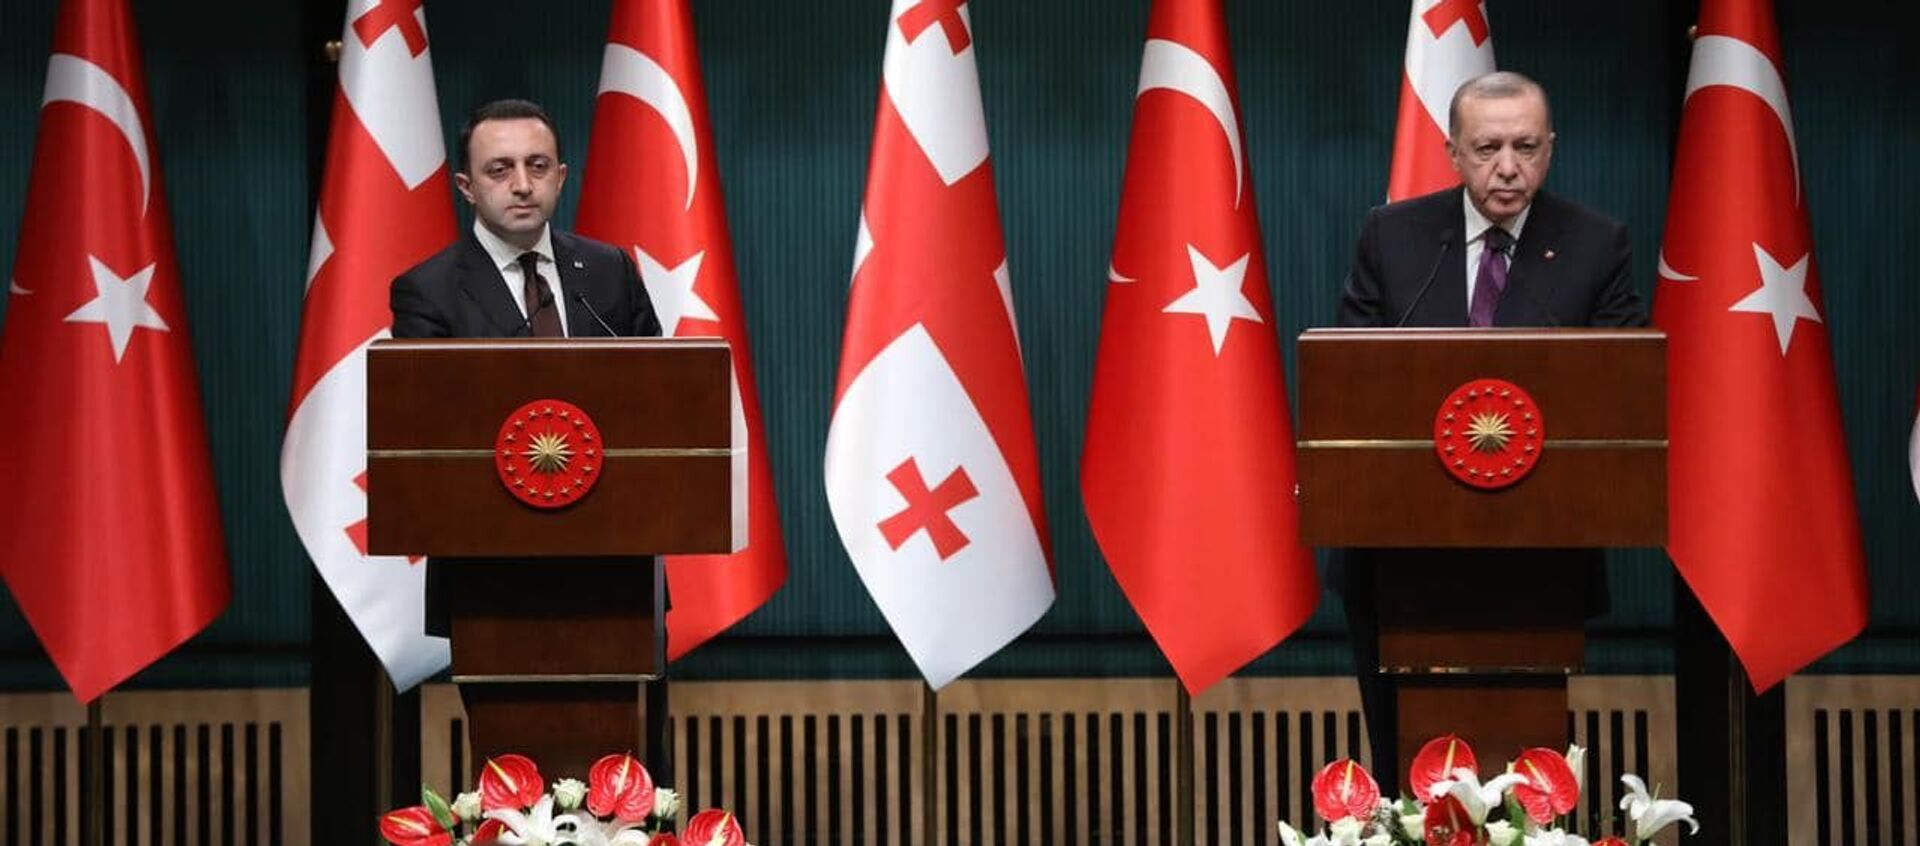 Государственный визит премьер-министра Грузии Ираклия Гарибашвили в Турцию   - Sputnik Грузия, 1920, 02.06.2021